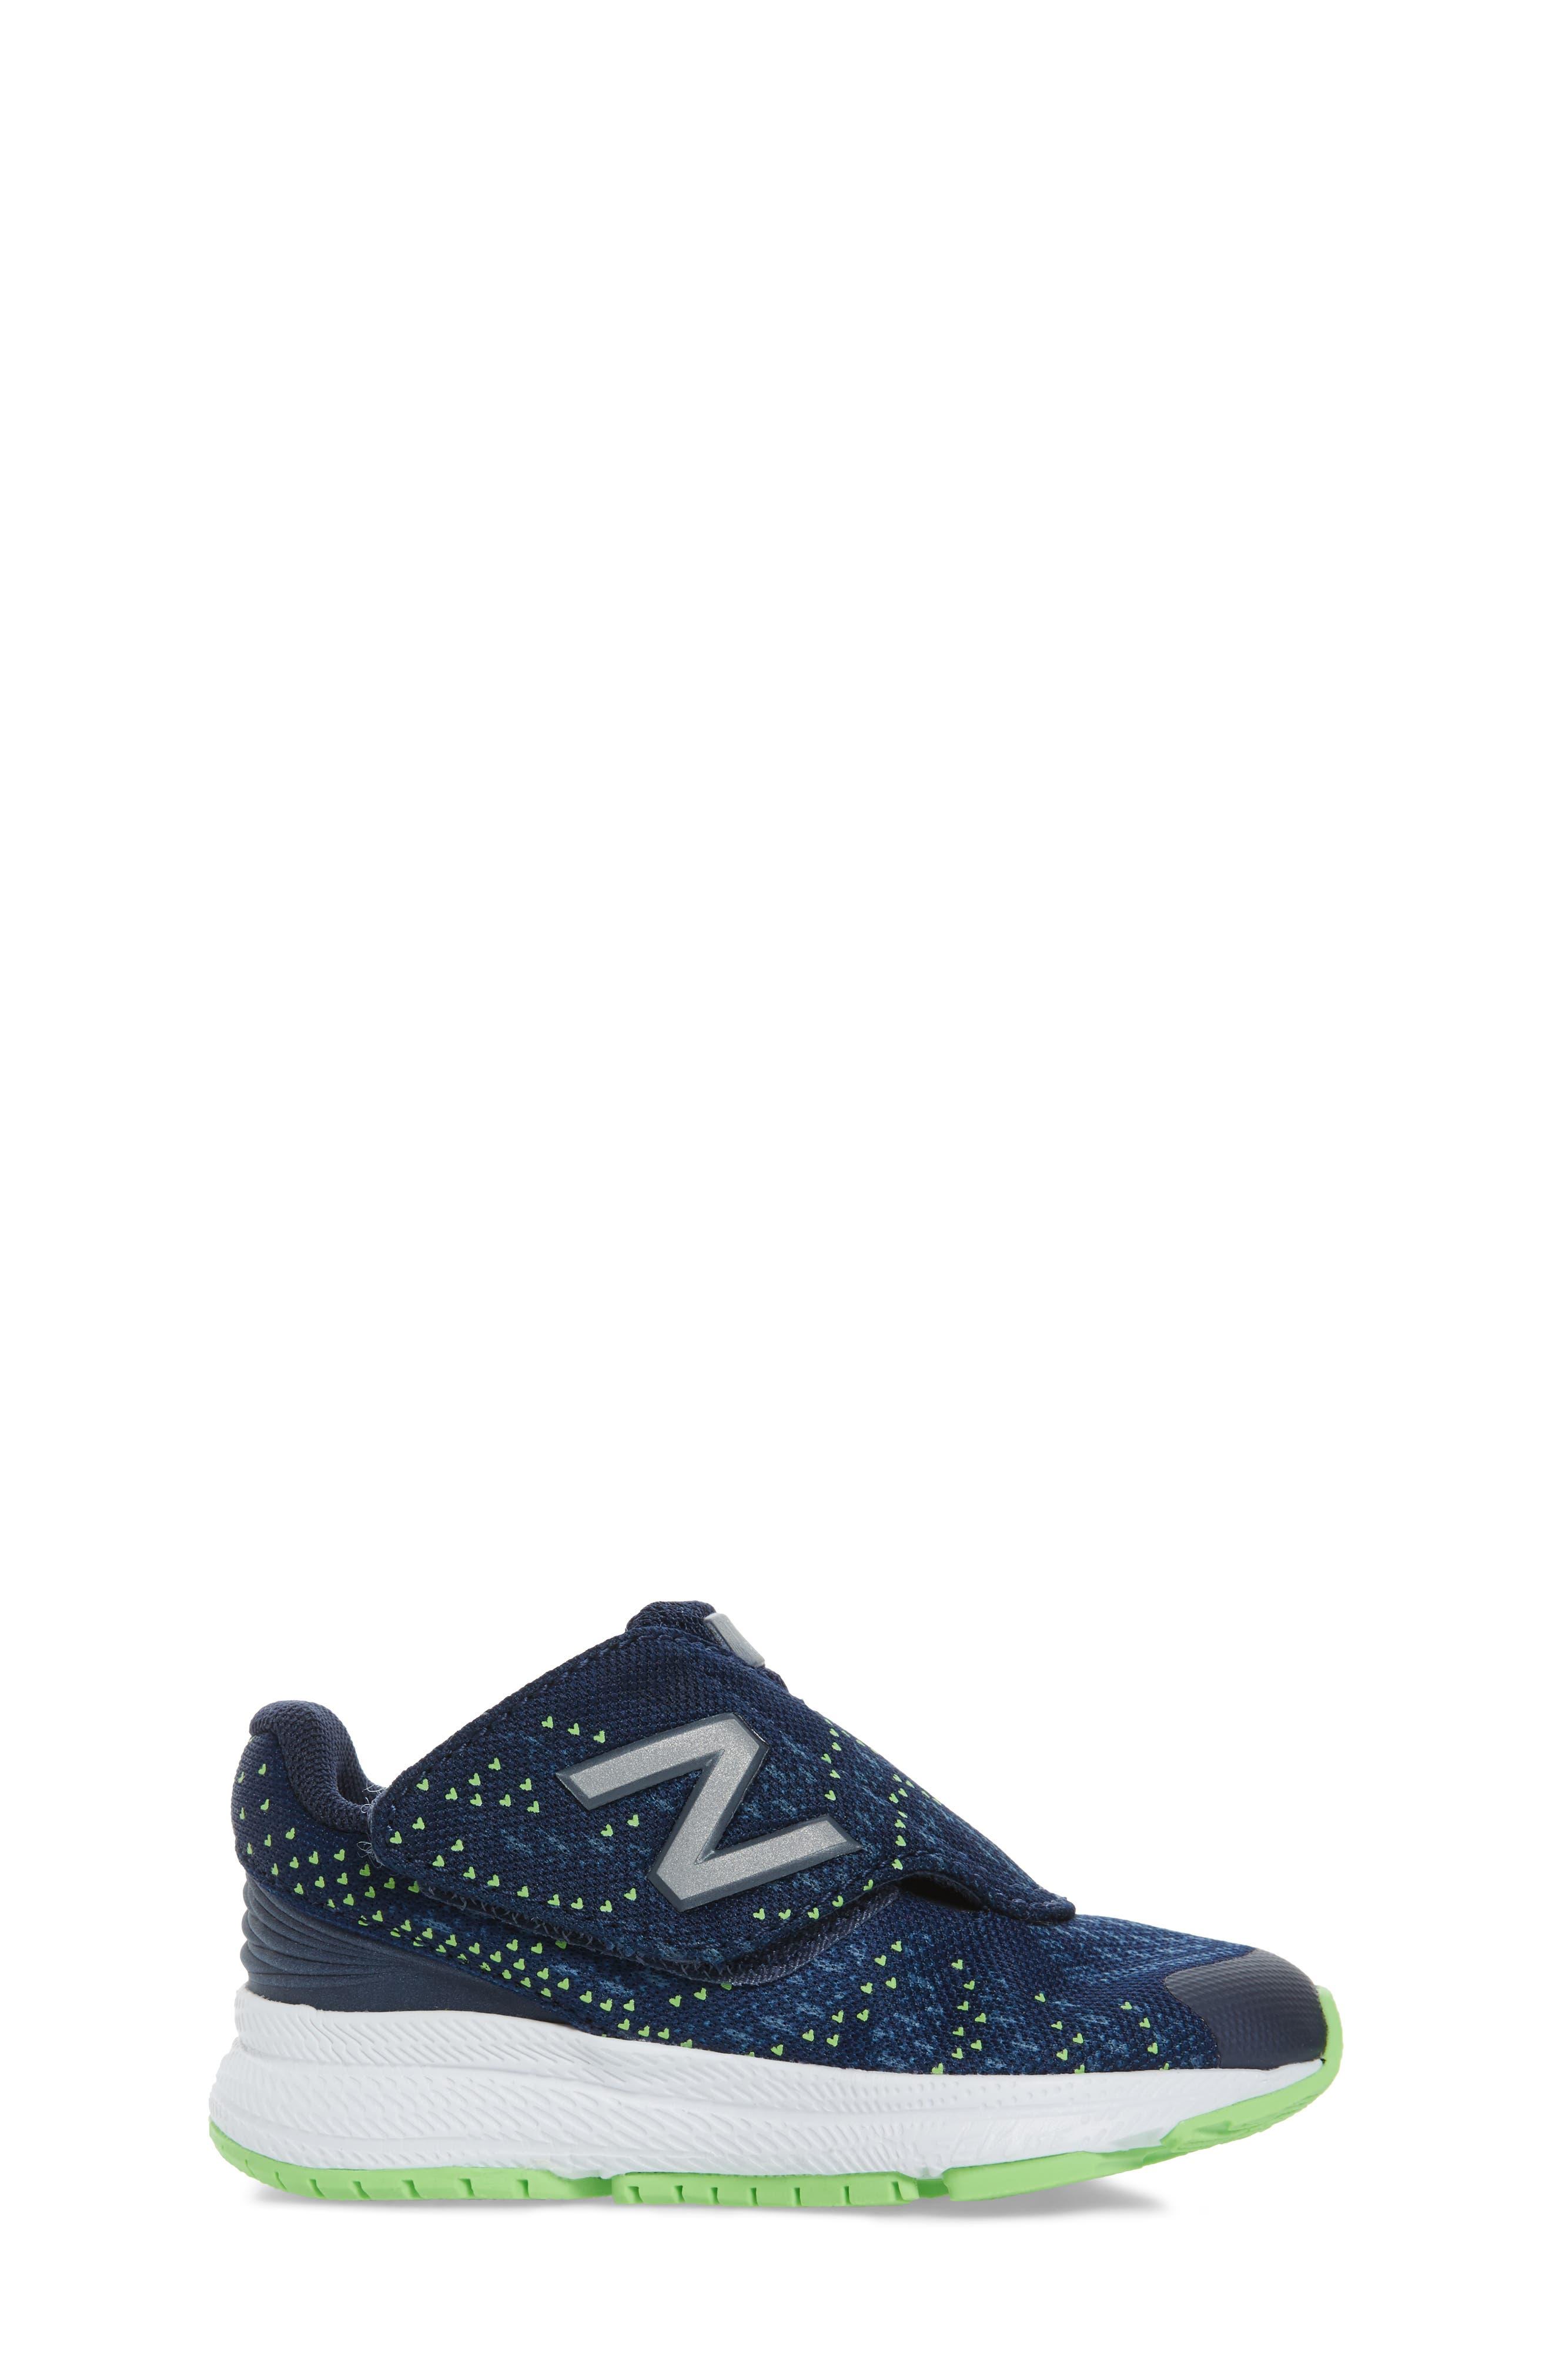 FuelCore Rush v3 Sneaker,                             Alternate thumbnail 3, color,                             Navy